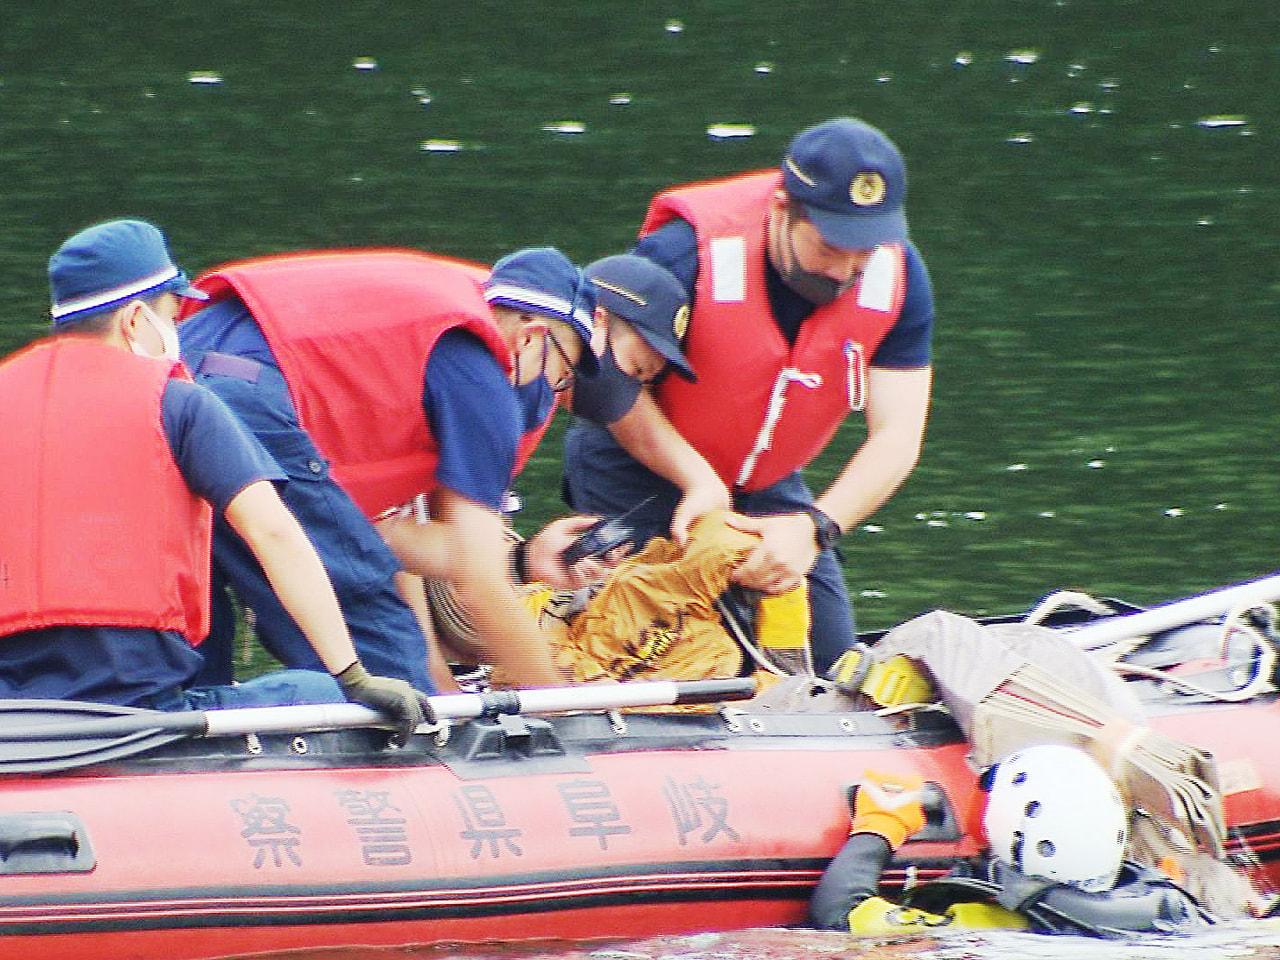 水難事故が多発する夏休みに入り岐阜北警察署は27日、岐阜北消防署と合同で水難救助...